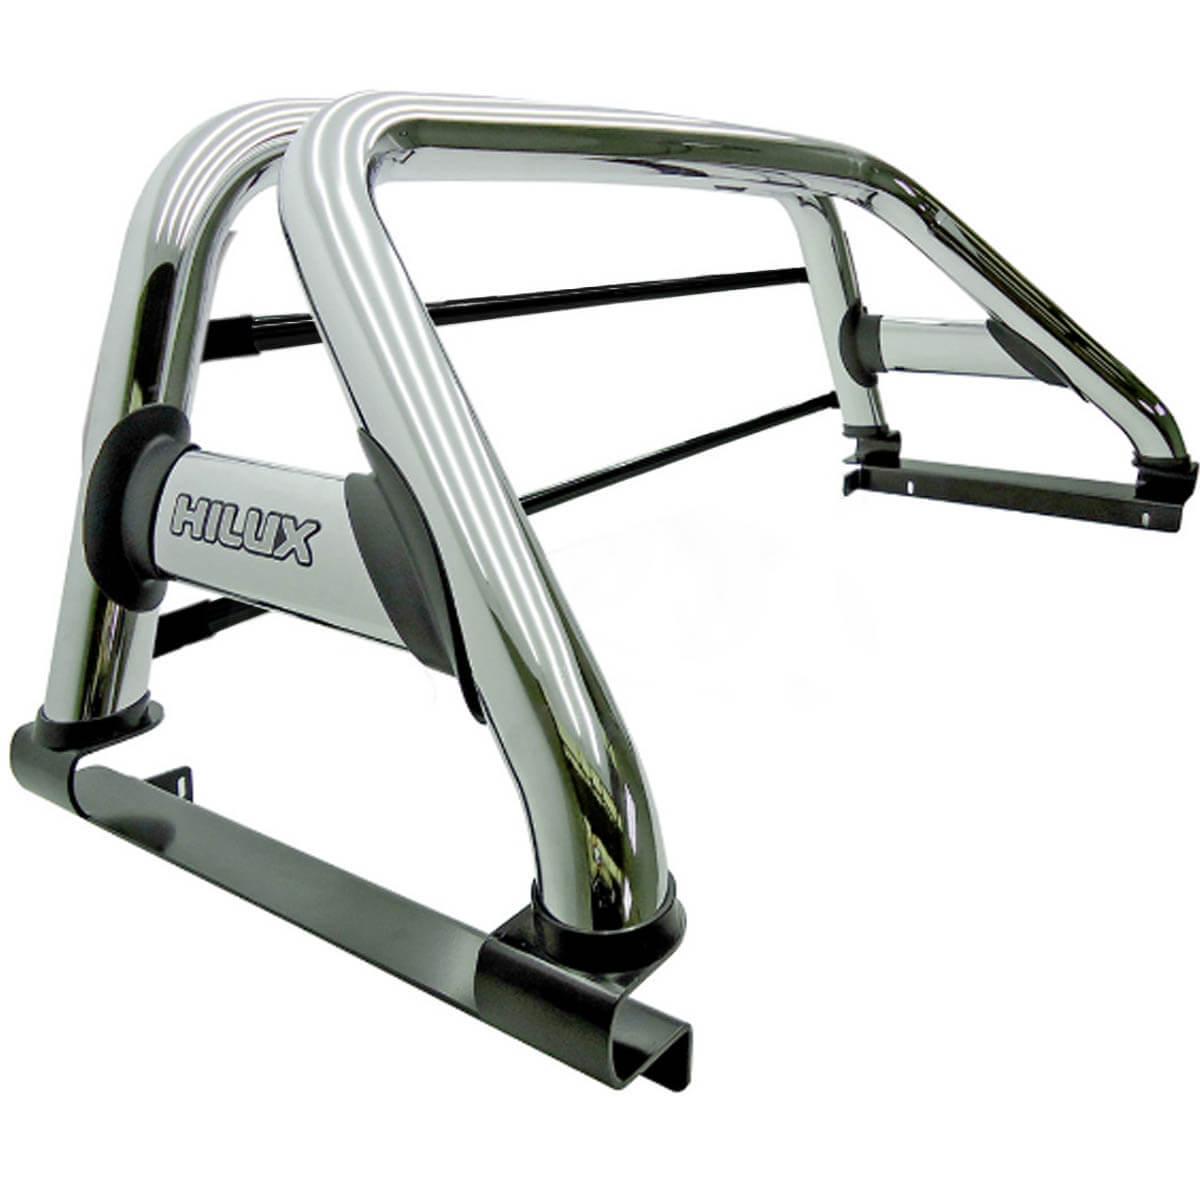 Santo antônio Track duplo cromado Hilux 1992 a 2004 com barras de vidro